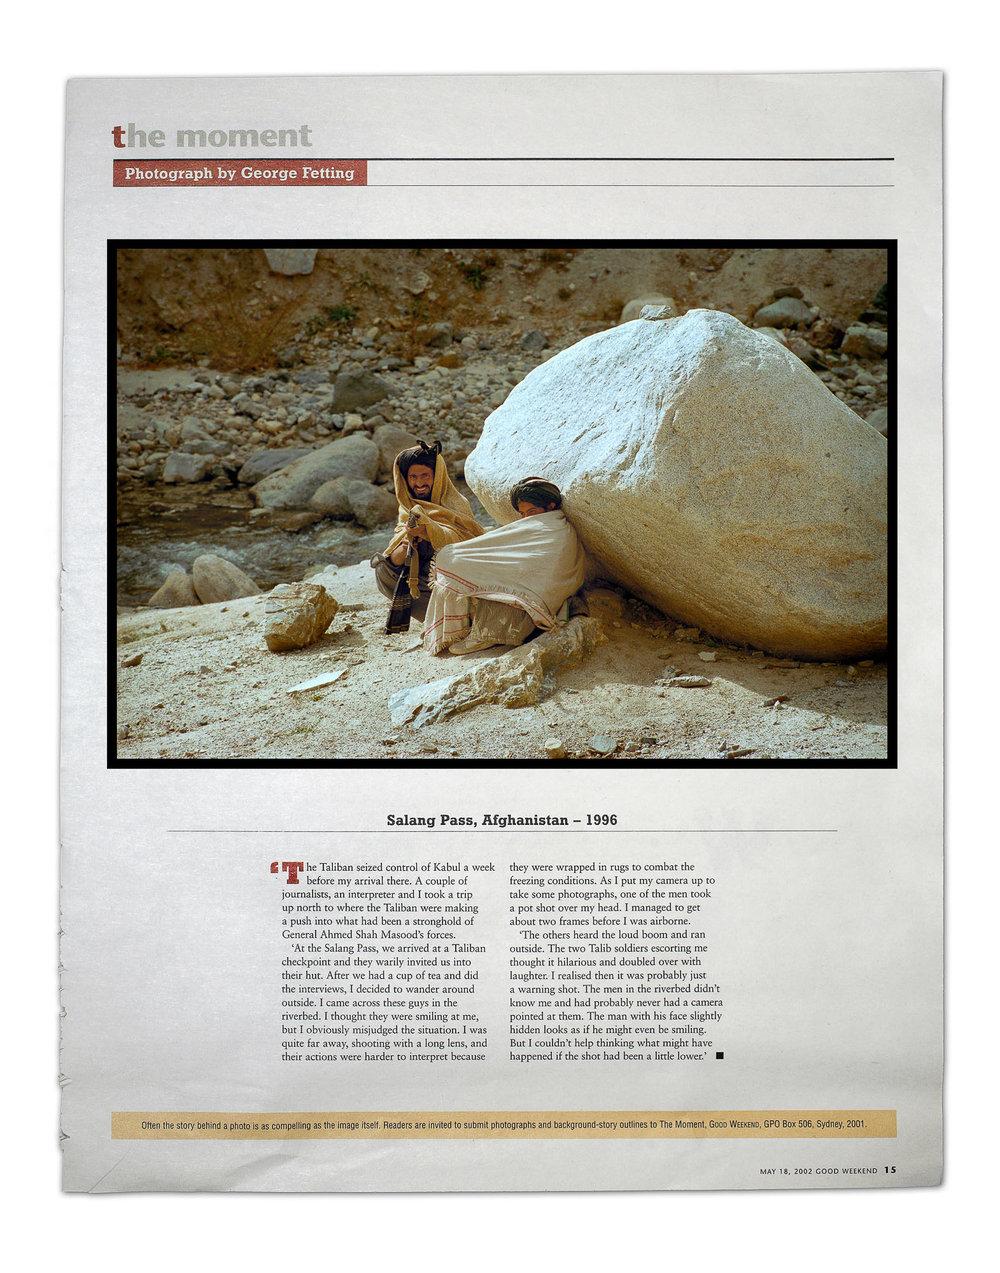 MOMENT COVER 2.jpg